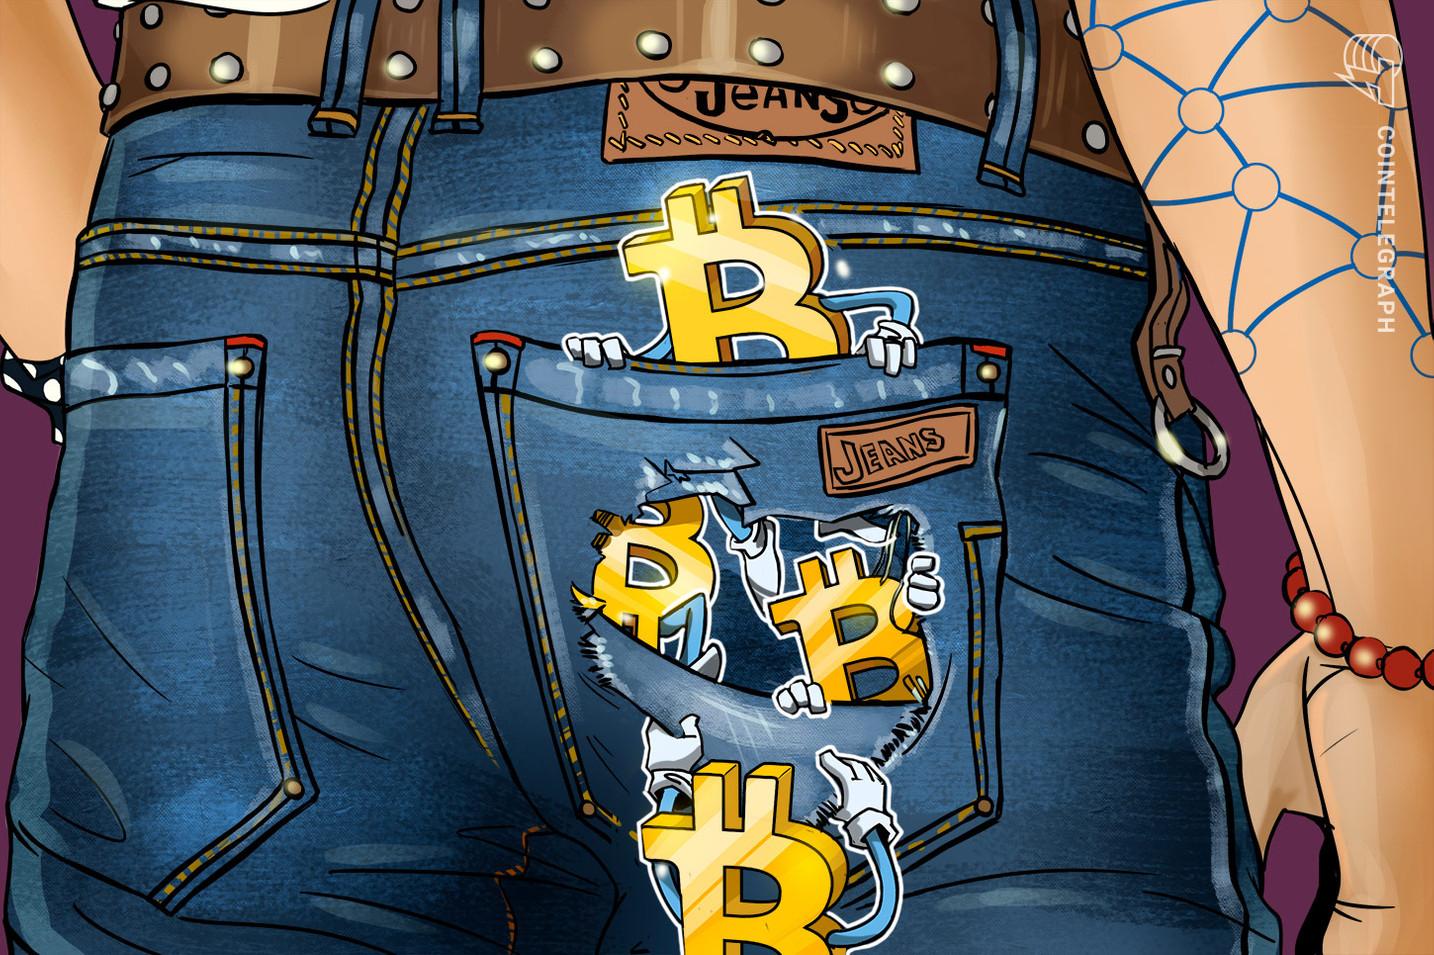 'Dinheiro sumiu': clientes esperam até uma semana por compensação de Pix e depósitos no Mercado Bitcoin